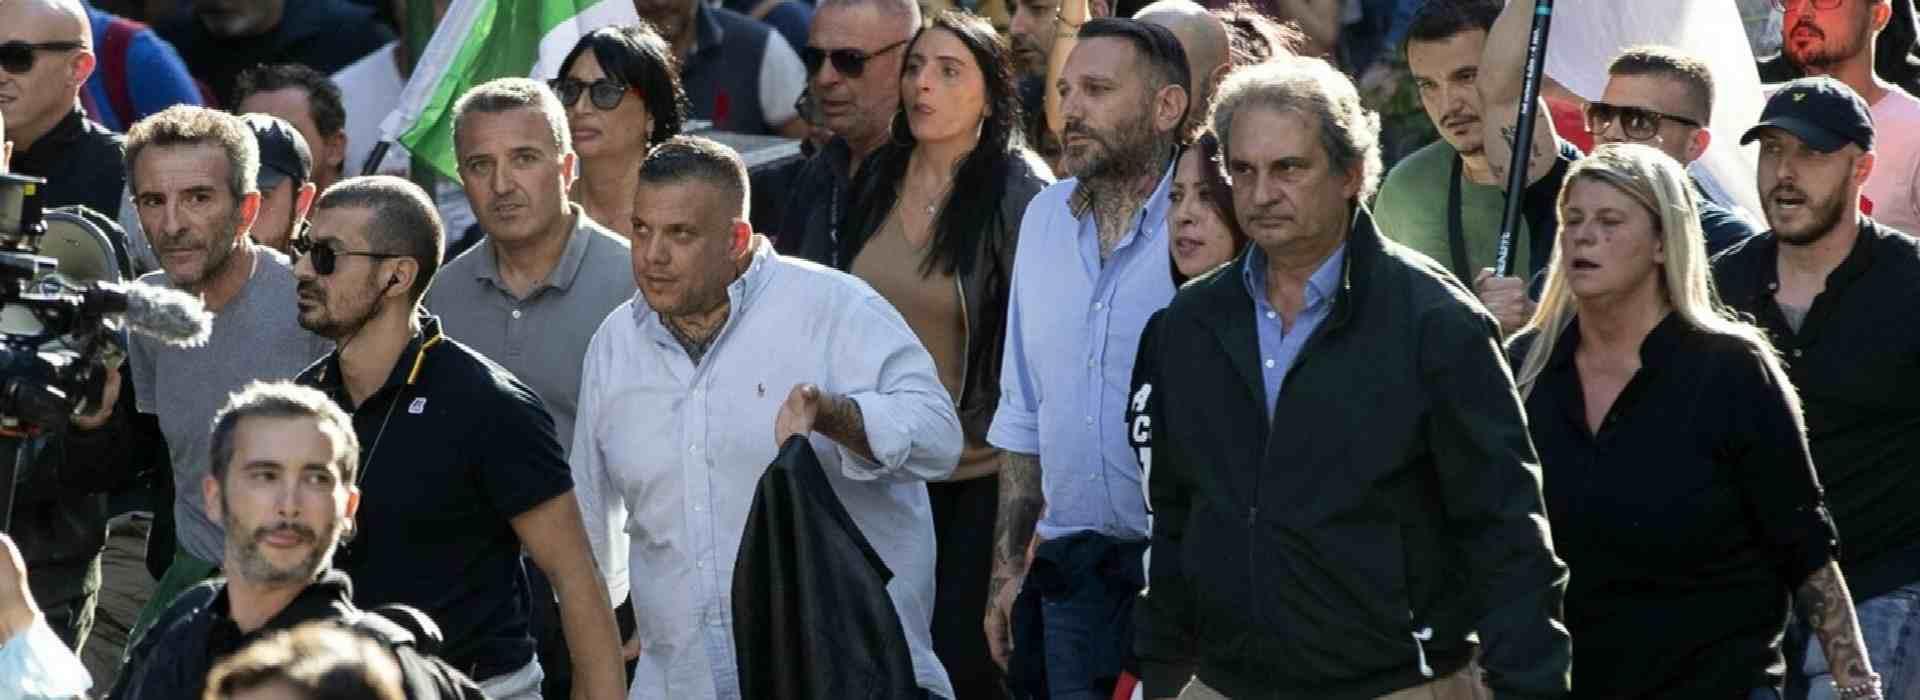 """I difensori di Fiore e Castellino: """"estranei ai disordini"""". L'intercettazione del leader di FN: """"Boccacci al soldo dei Servizi"""""""